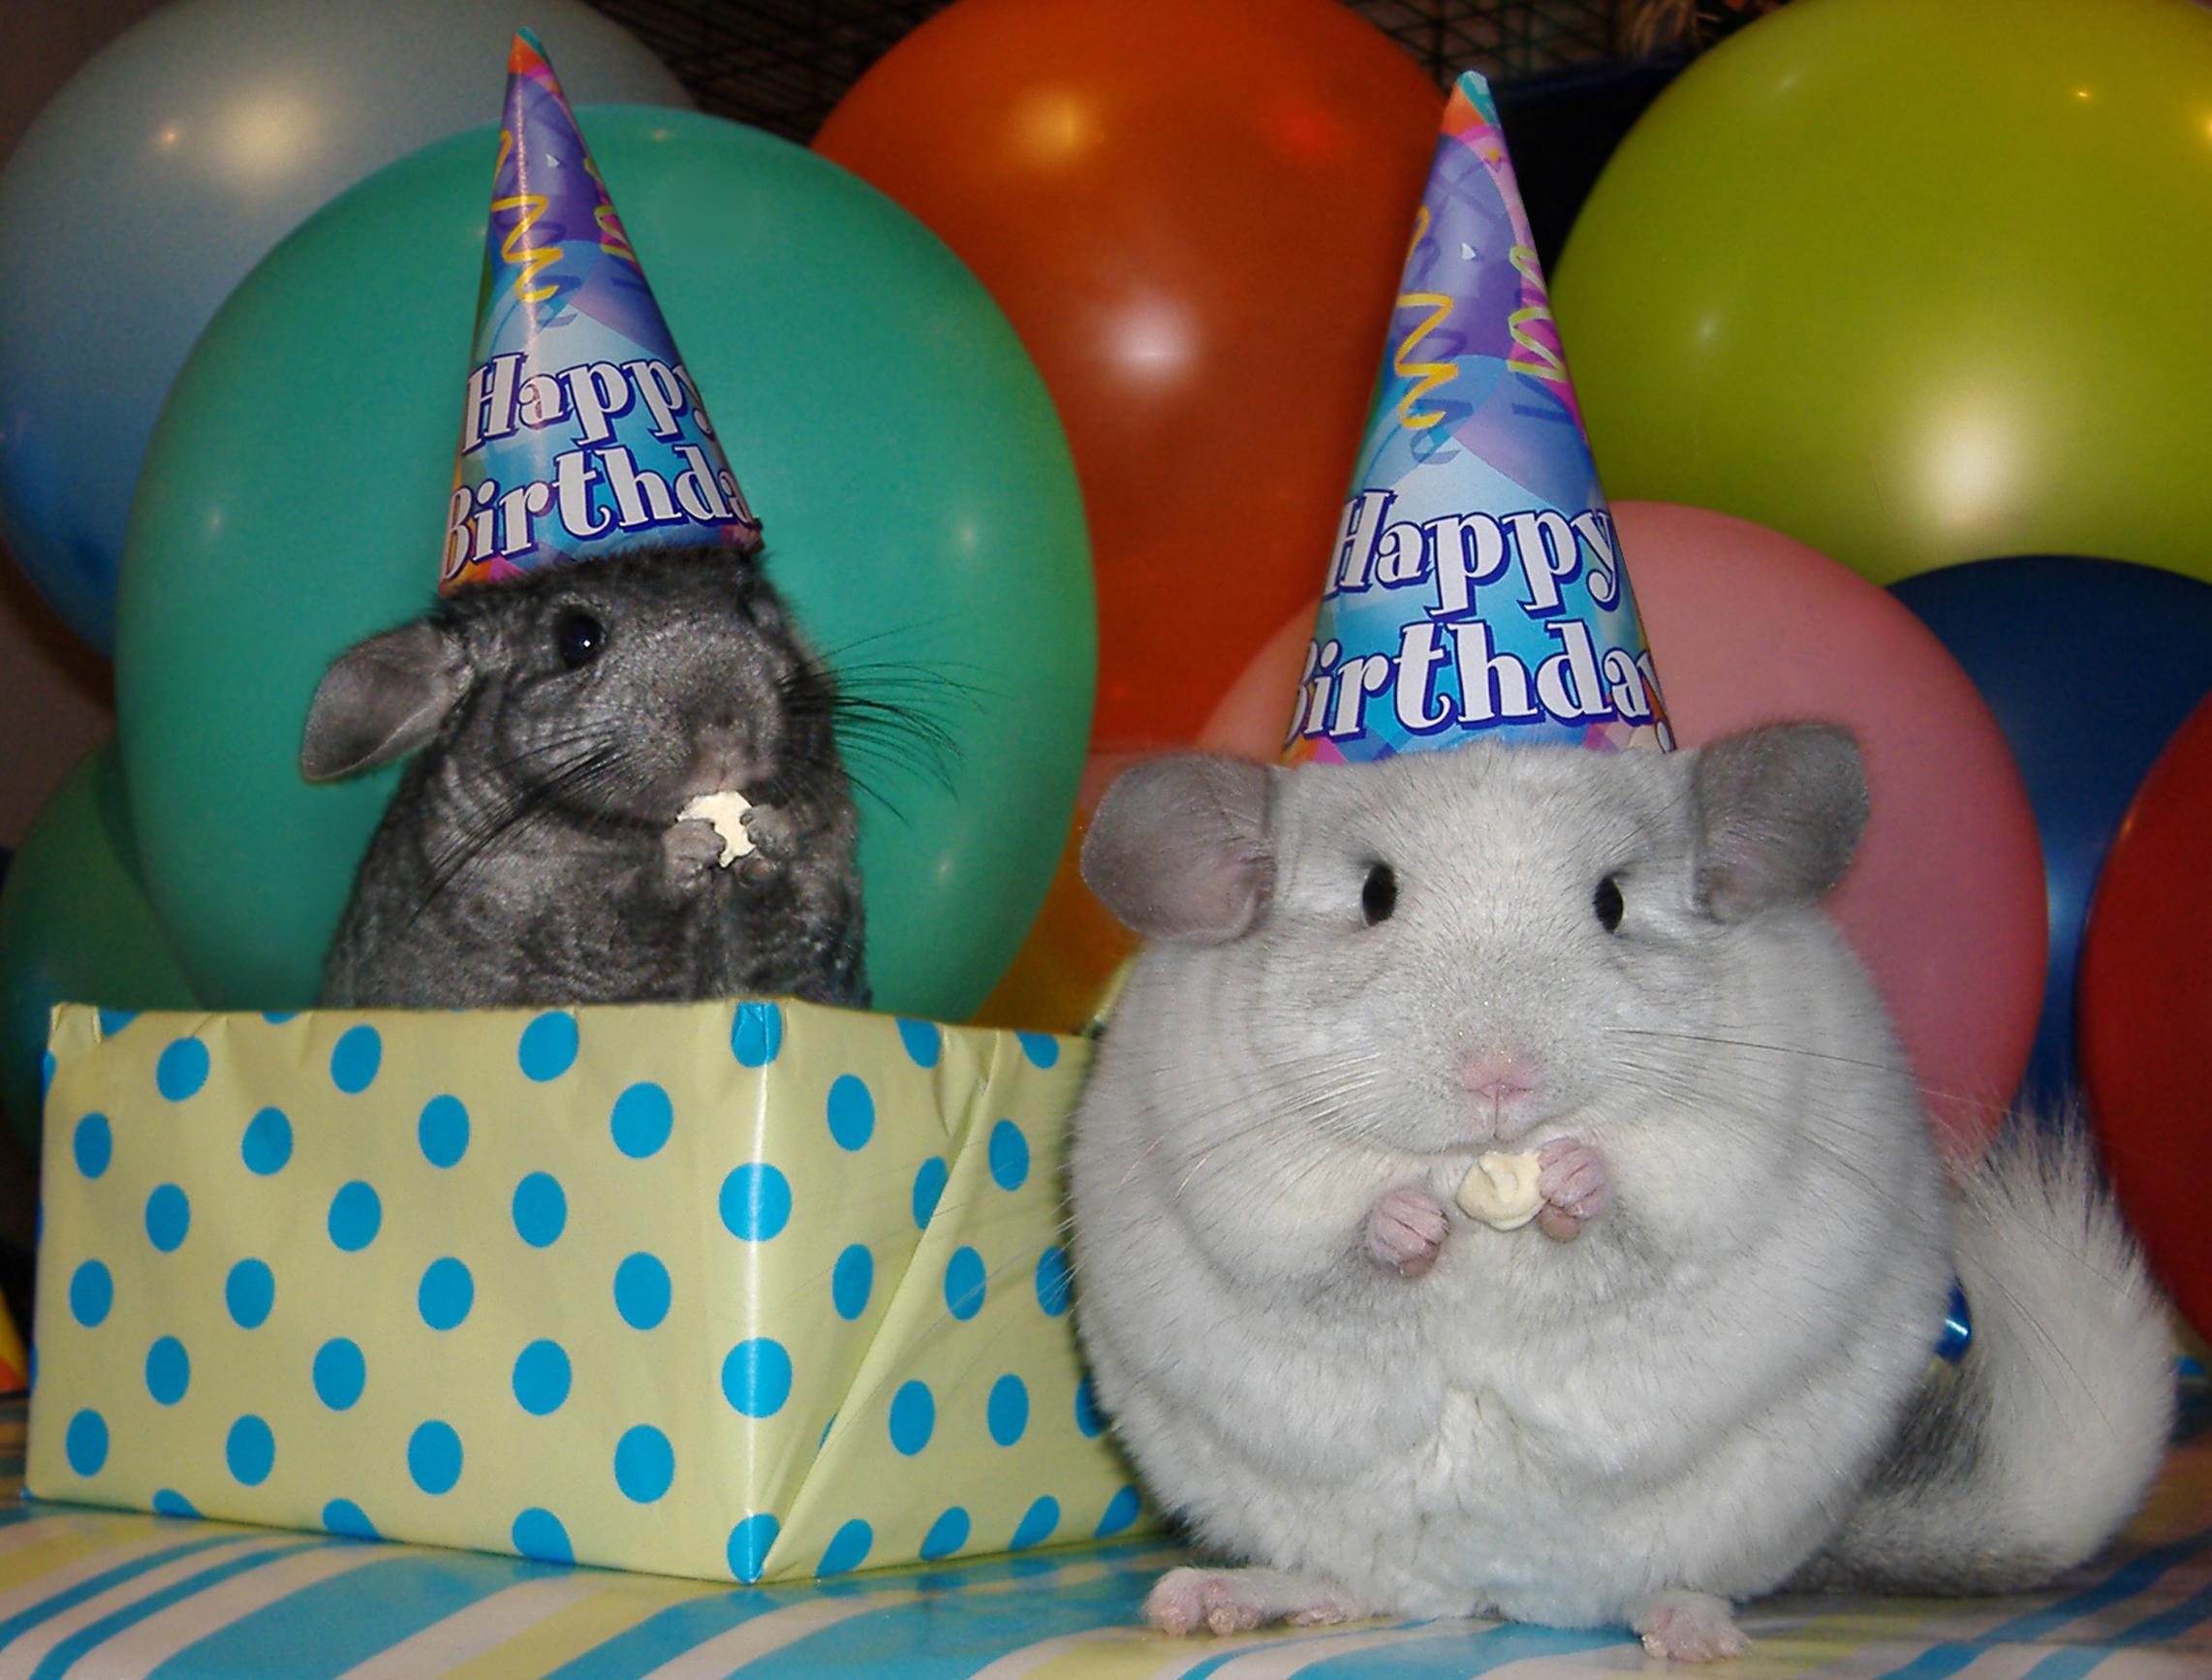 С днем рождения картинки прикольные с животными, днем